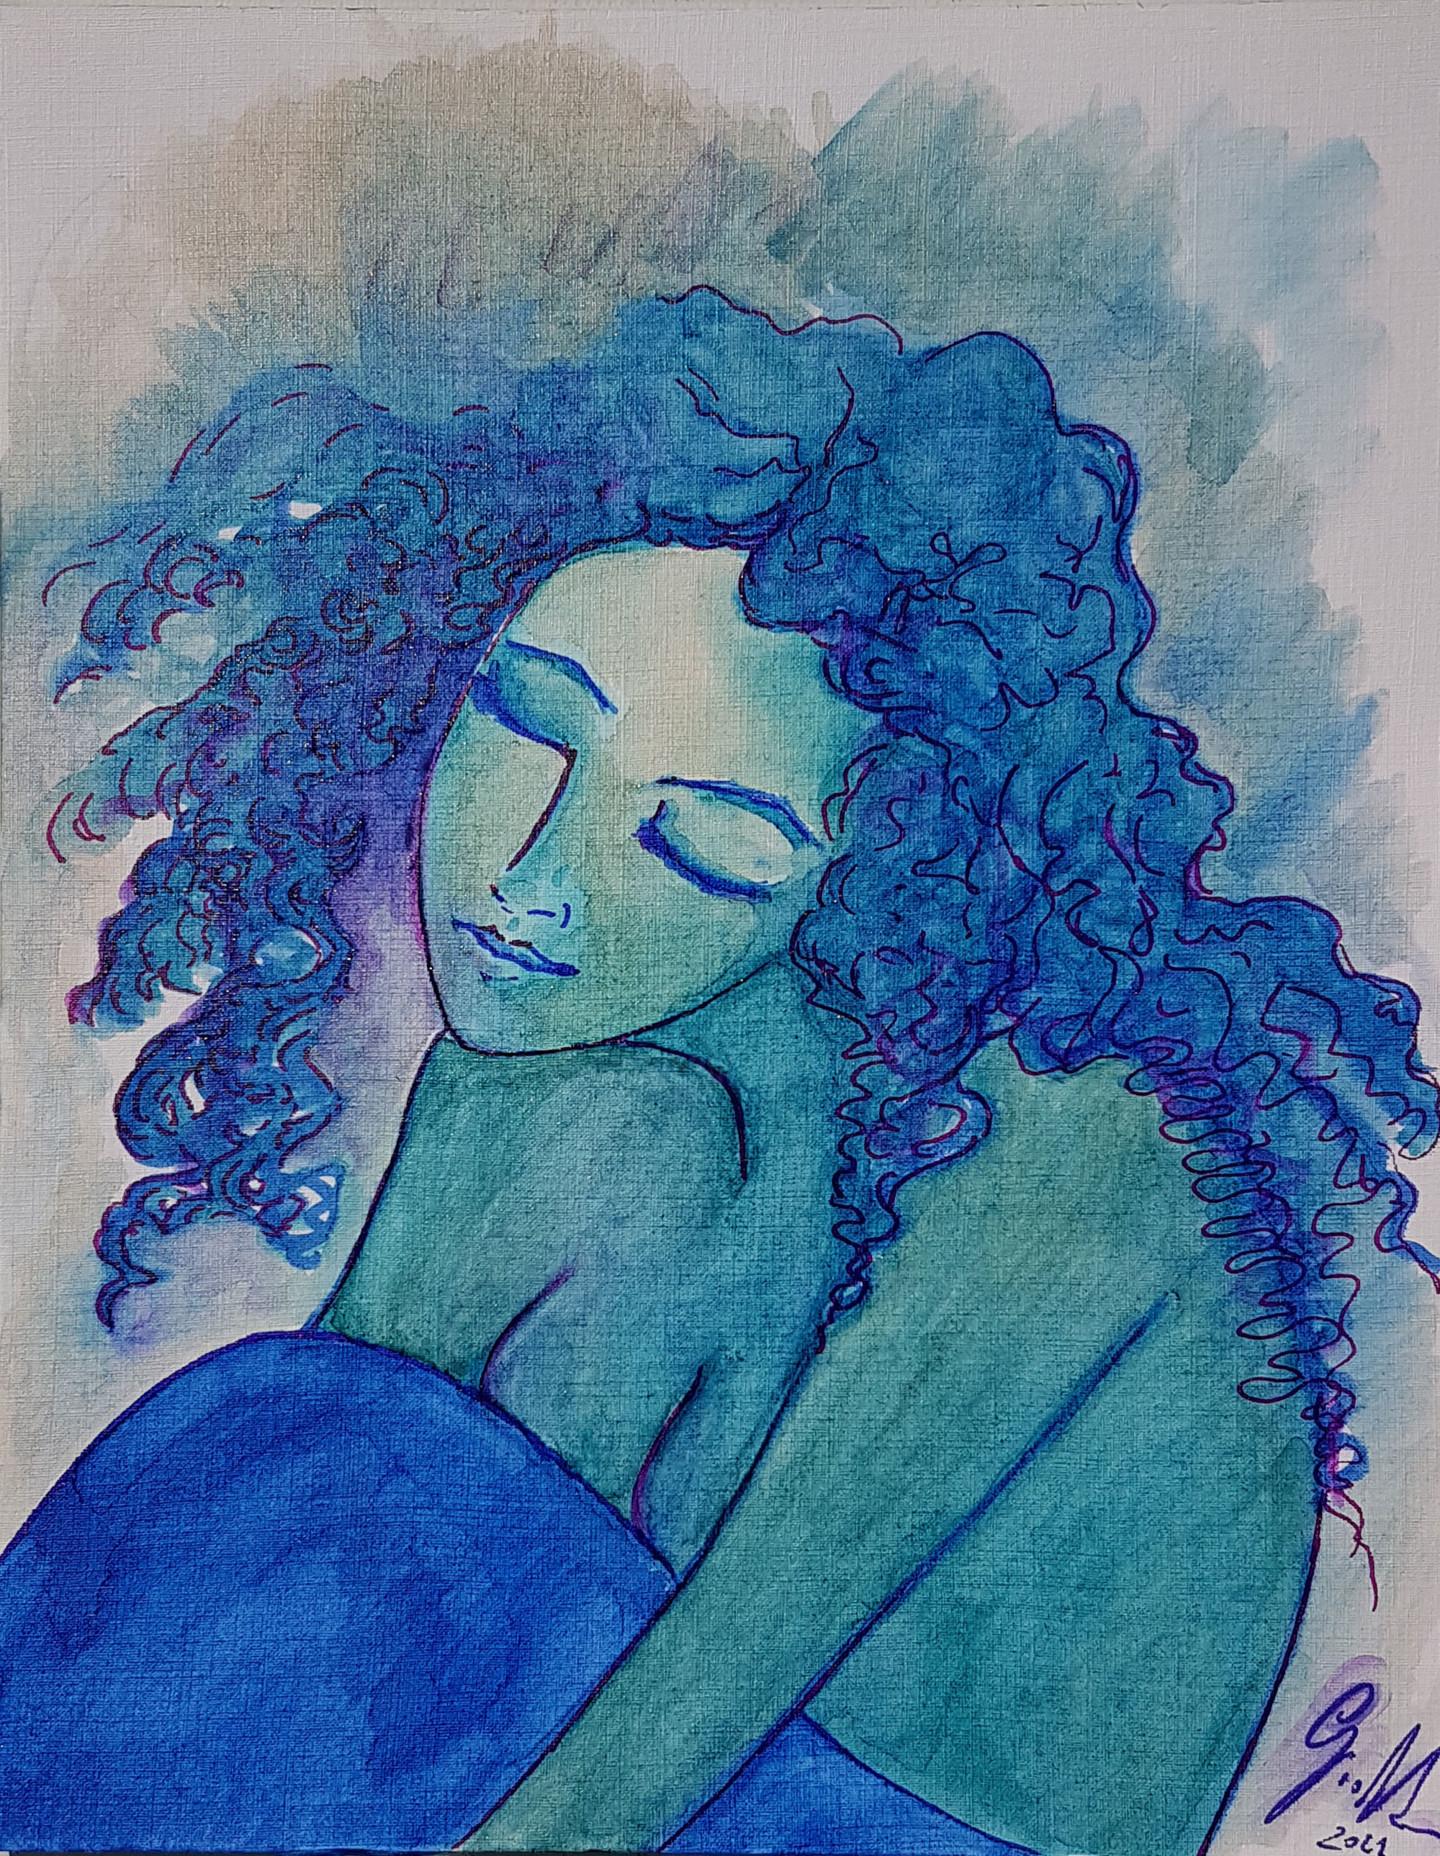 Gioia Albano - The dreaming girl (fille qui rêve)